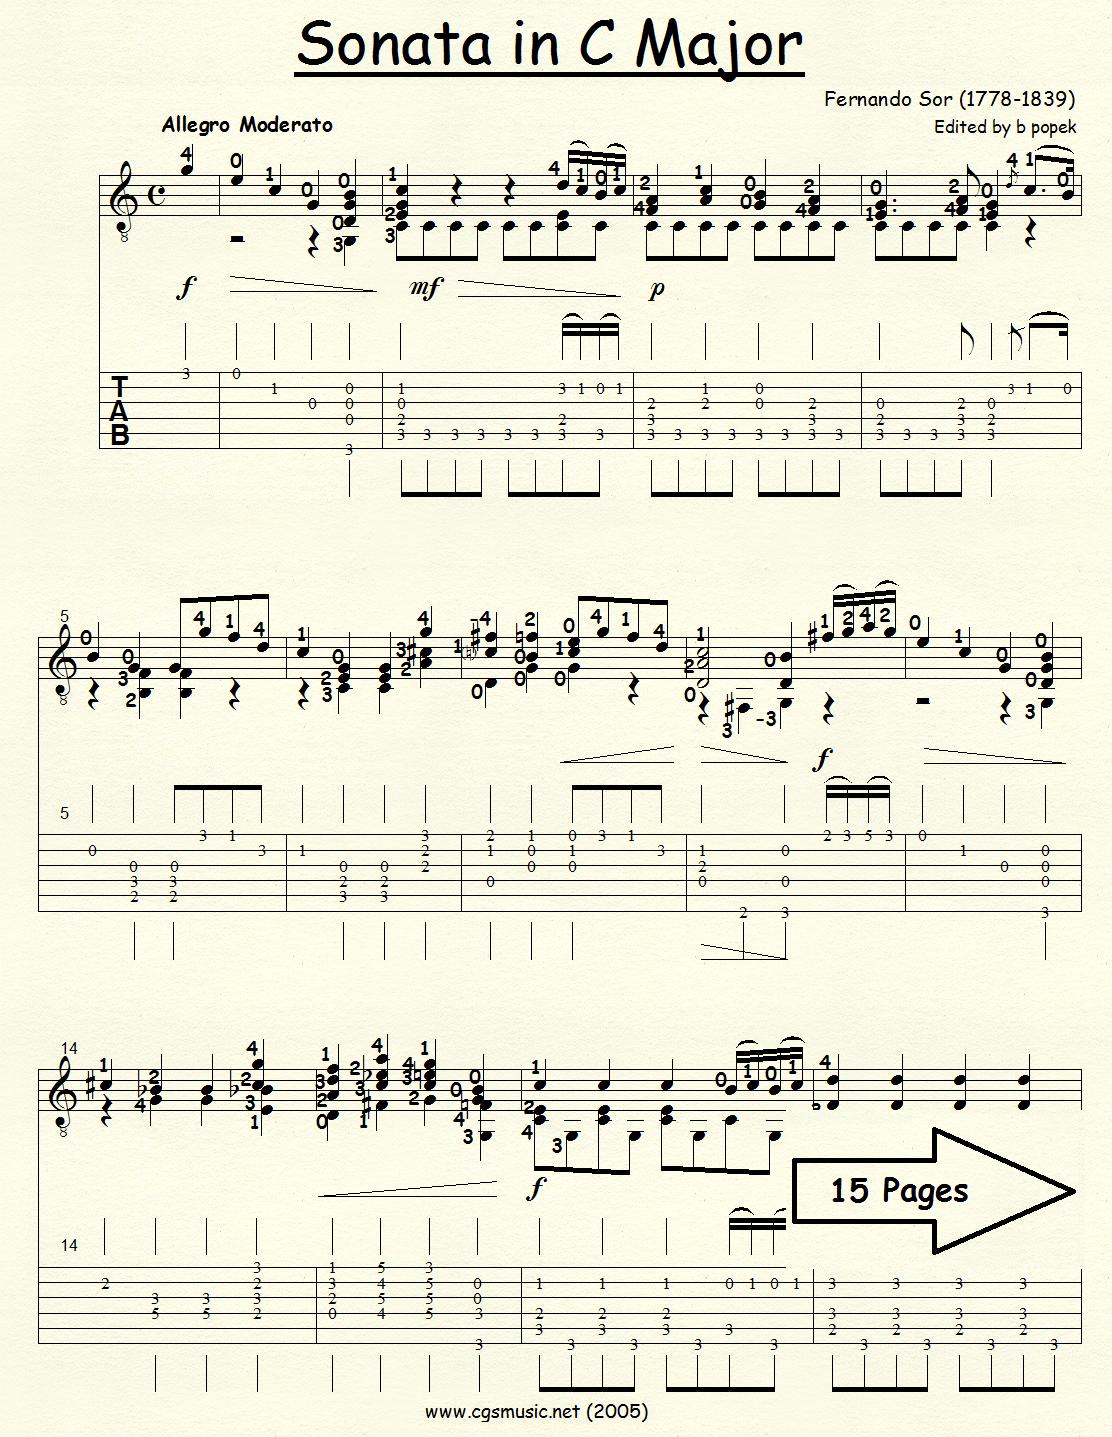 Sonata in C Major (Sor) for Classical Guitar in Tablature